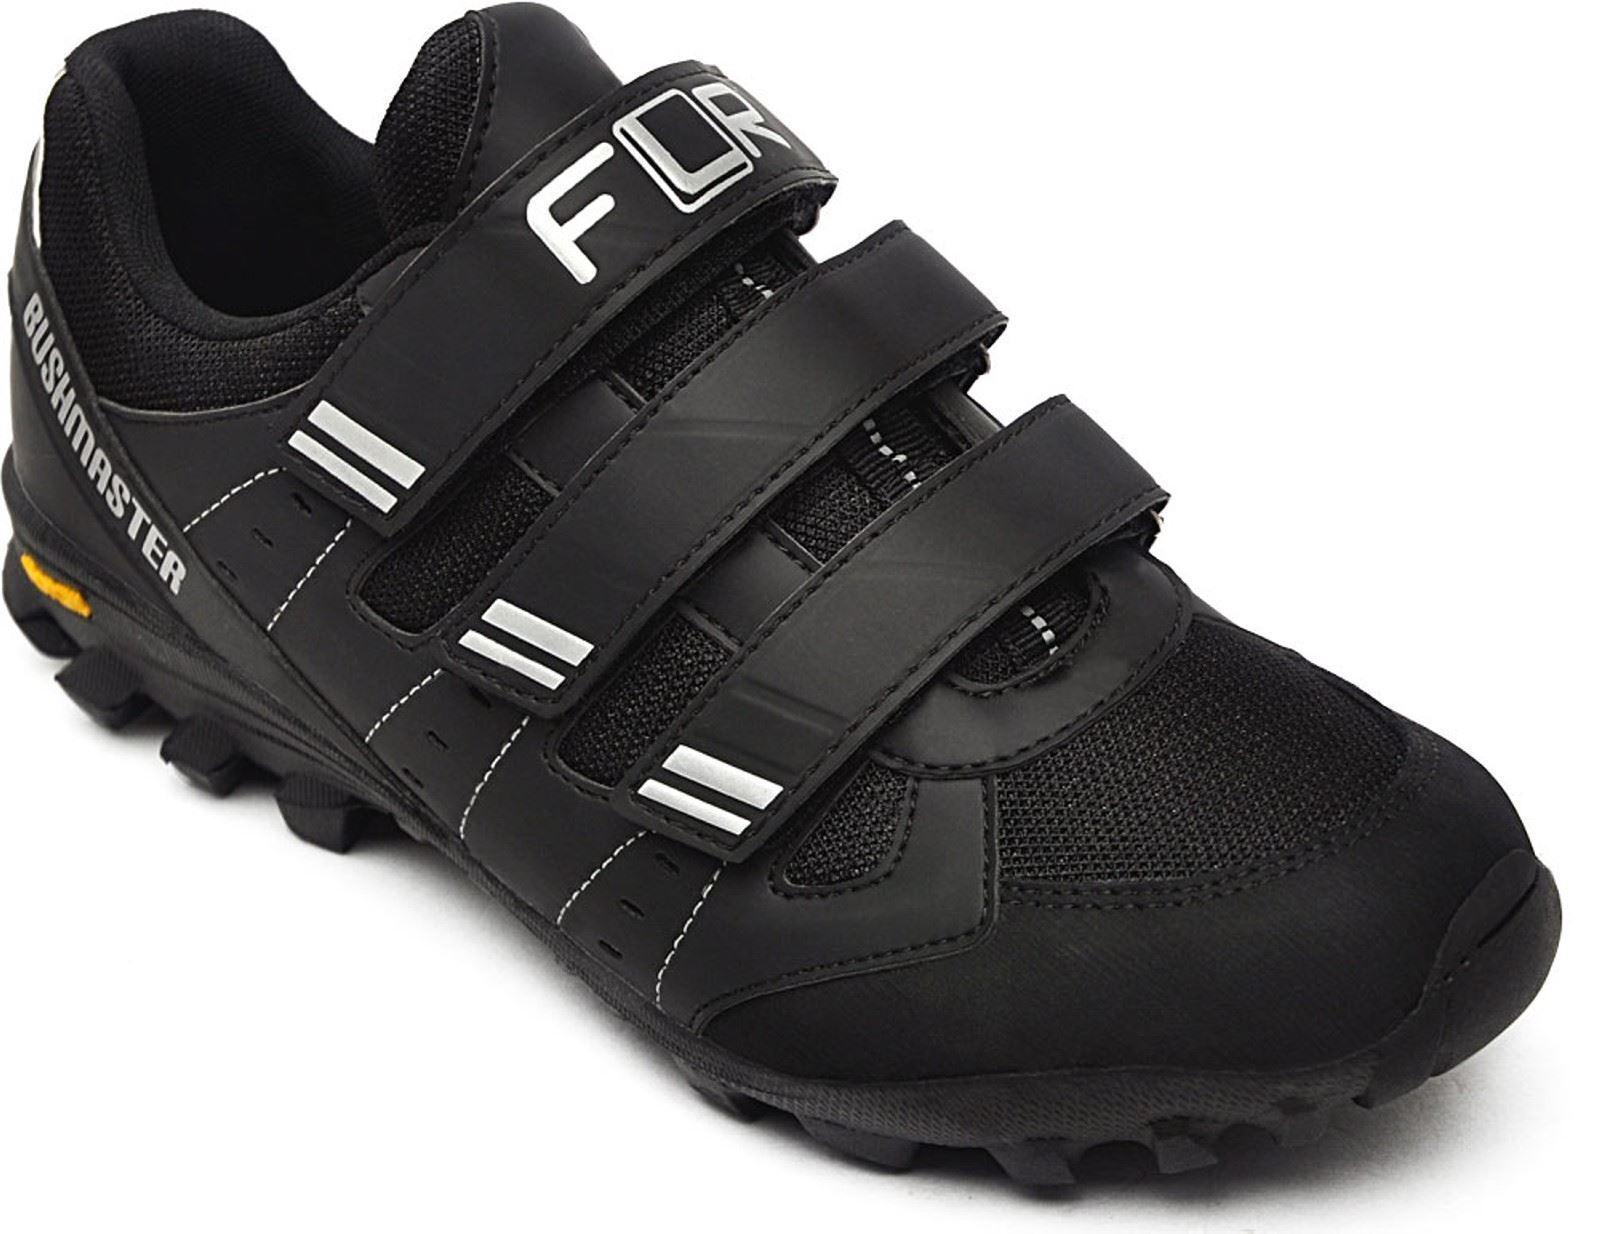 FLR Bushmaster MTB Trail Zapatos en Negro Plata Con Cierre-tamaño 46